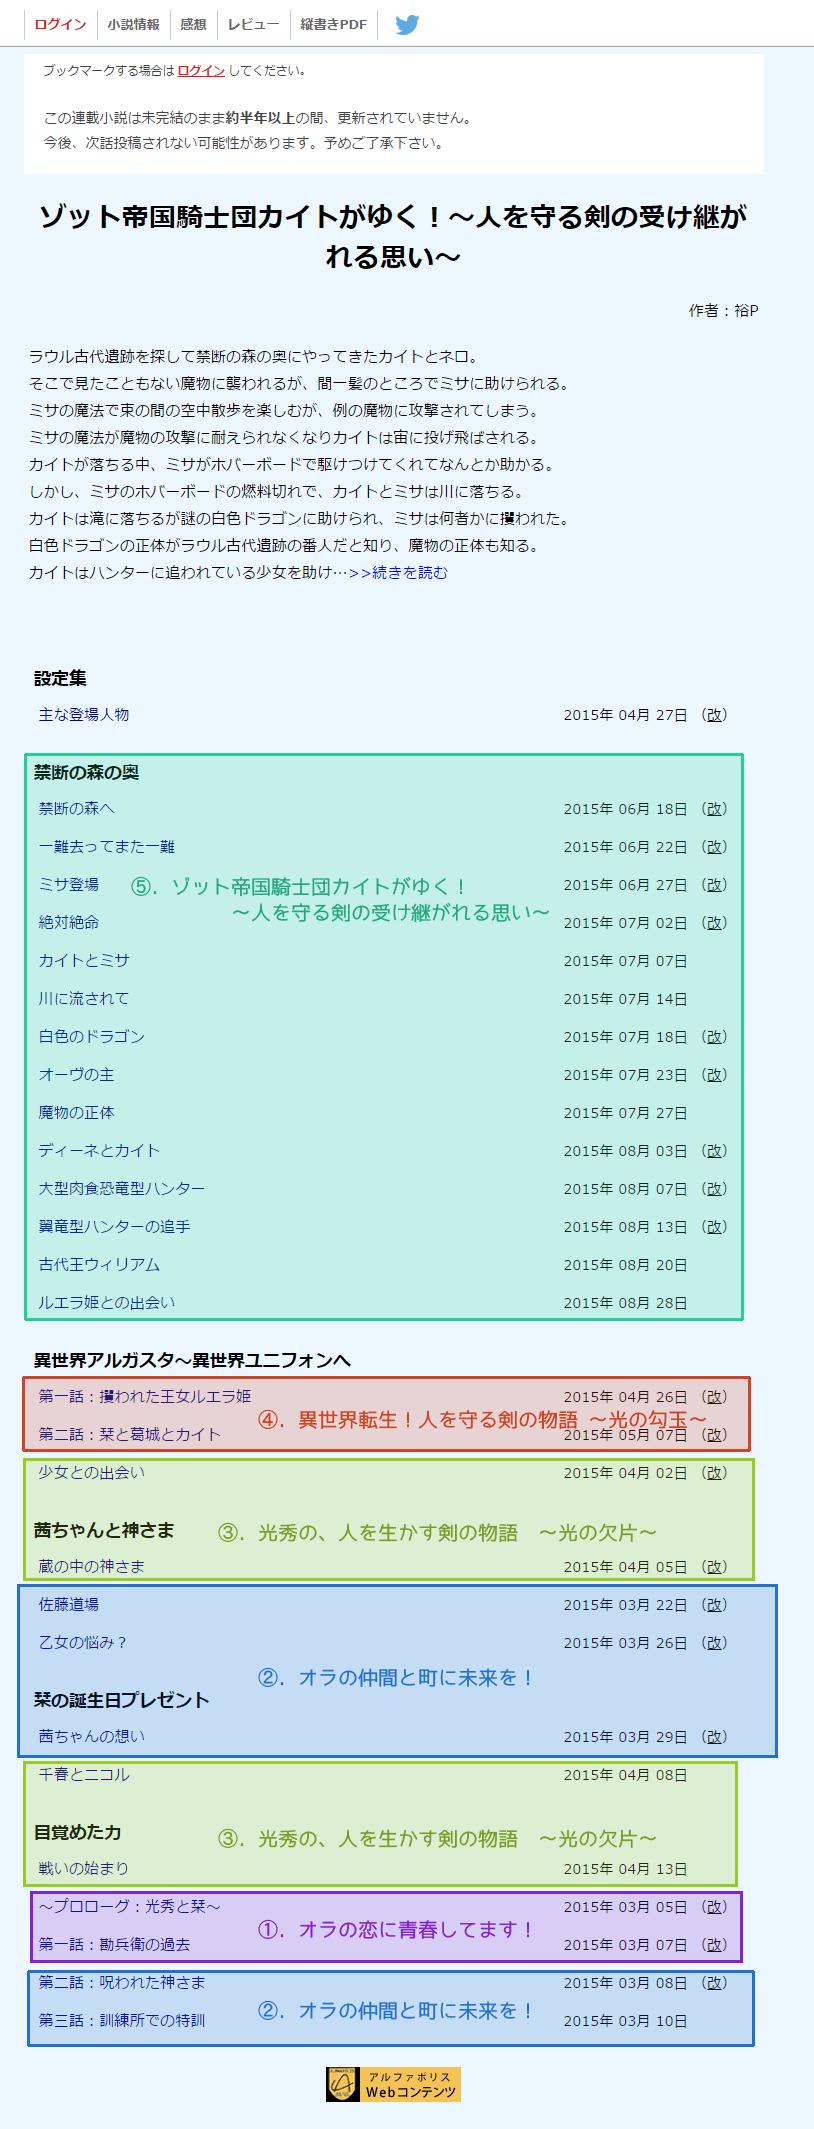 f:id:zaqmju7:20151105213538p:plain